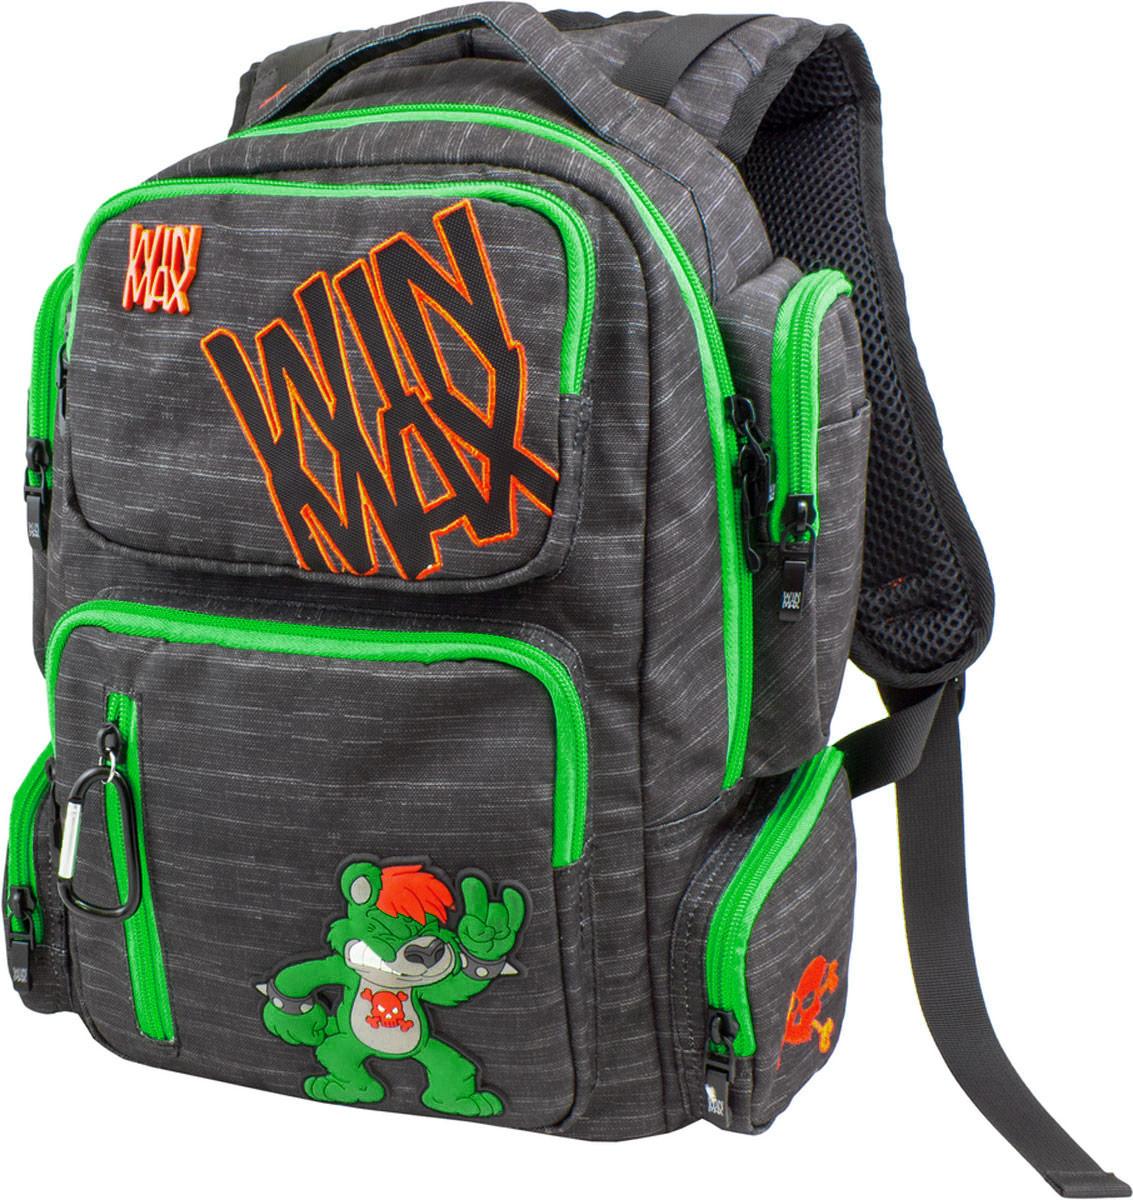 WinMax Рюкзак детский цвет черный зеленый K-544K-544_чер/зелРюкзак WinMax, украшенный оригинальной вышивкой и стильной объемной аппликацией. Эта модель не только красива и оригинальна, но и очень практична и удобна. Благодаря качественному, легкому и прочному материалу, рюкзак долговечен в носке, а множество отделений поможет разместить все необходимые вещи школьника. Если вы ищите, что-то совершенно необычное по стилю, оригинальное и качественное, советуем обратить внимание на него. Рюкзак имеет одно вместительно отделение на молнии. Внутри имеется мягкое отделение на липучке для планшета или ноутбука и открытый накладной карман-сетка. Отделение дополнено нашивкой, в которую можно занести личные данные владельца. На лицевой стороне рюкзака расположились врезной два накладных кармана на молниях. Верхний карман содержит два открытых накладных кармашка. Внутри нижнего кармана имеются два открытых накладных кармана, кармашек-сетка на молнии и три открытых кармашка под канцелярские принадлежности. По бокам рюкзака...